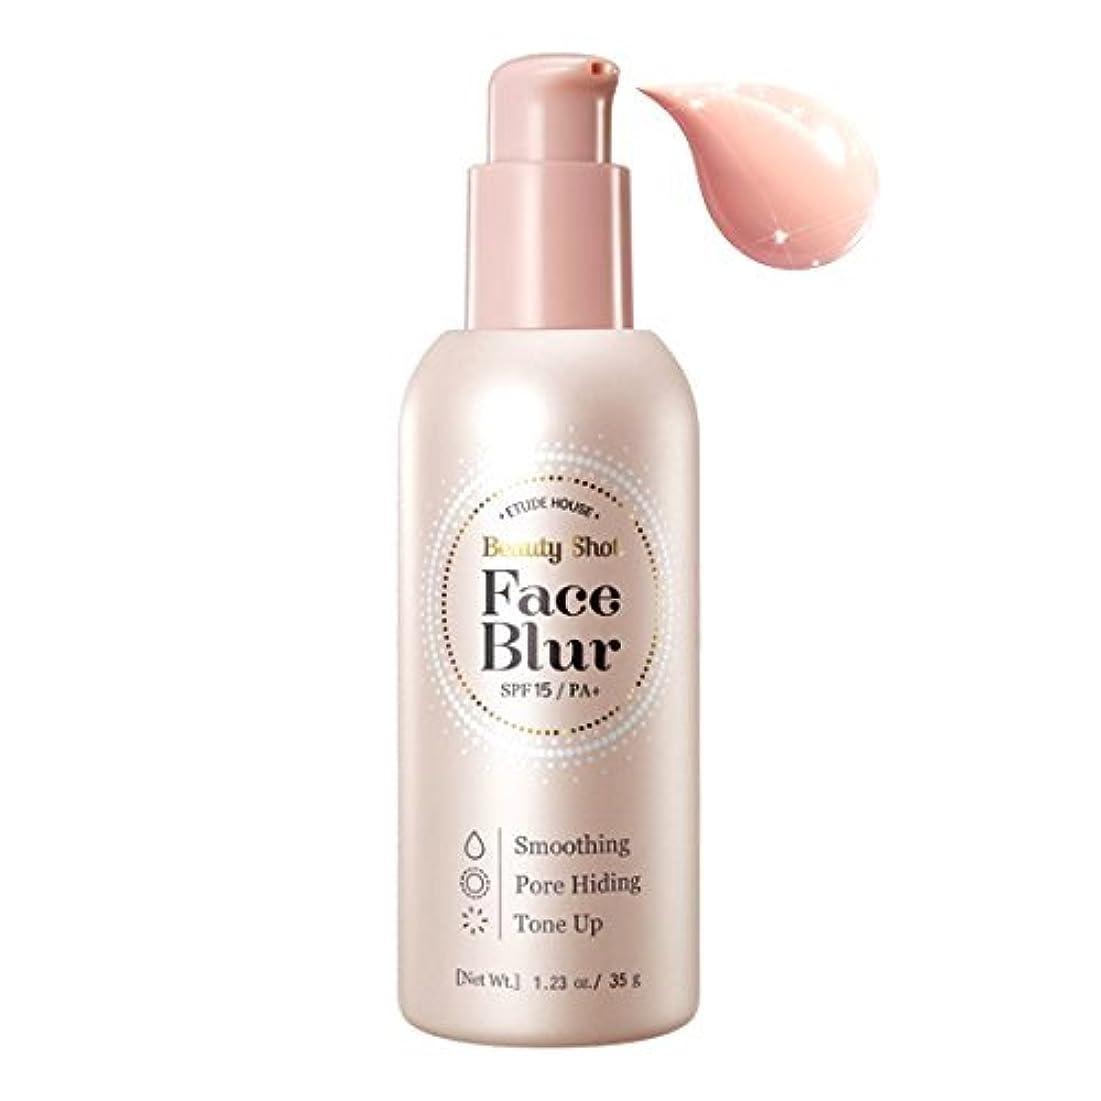 ゴールデン抜本的な絶えず(6 Pack) ETUDE HOUSE Beauty Shot Face Blur SPF 33 PA++ (並行輸入品)